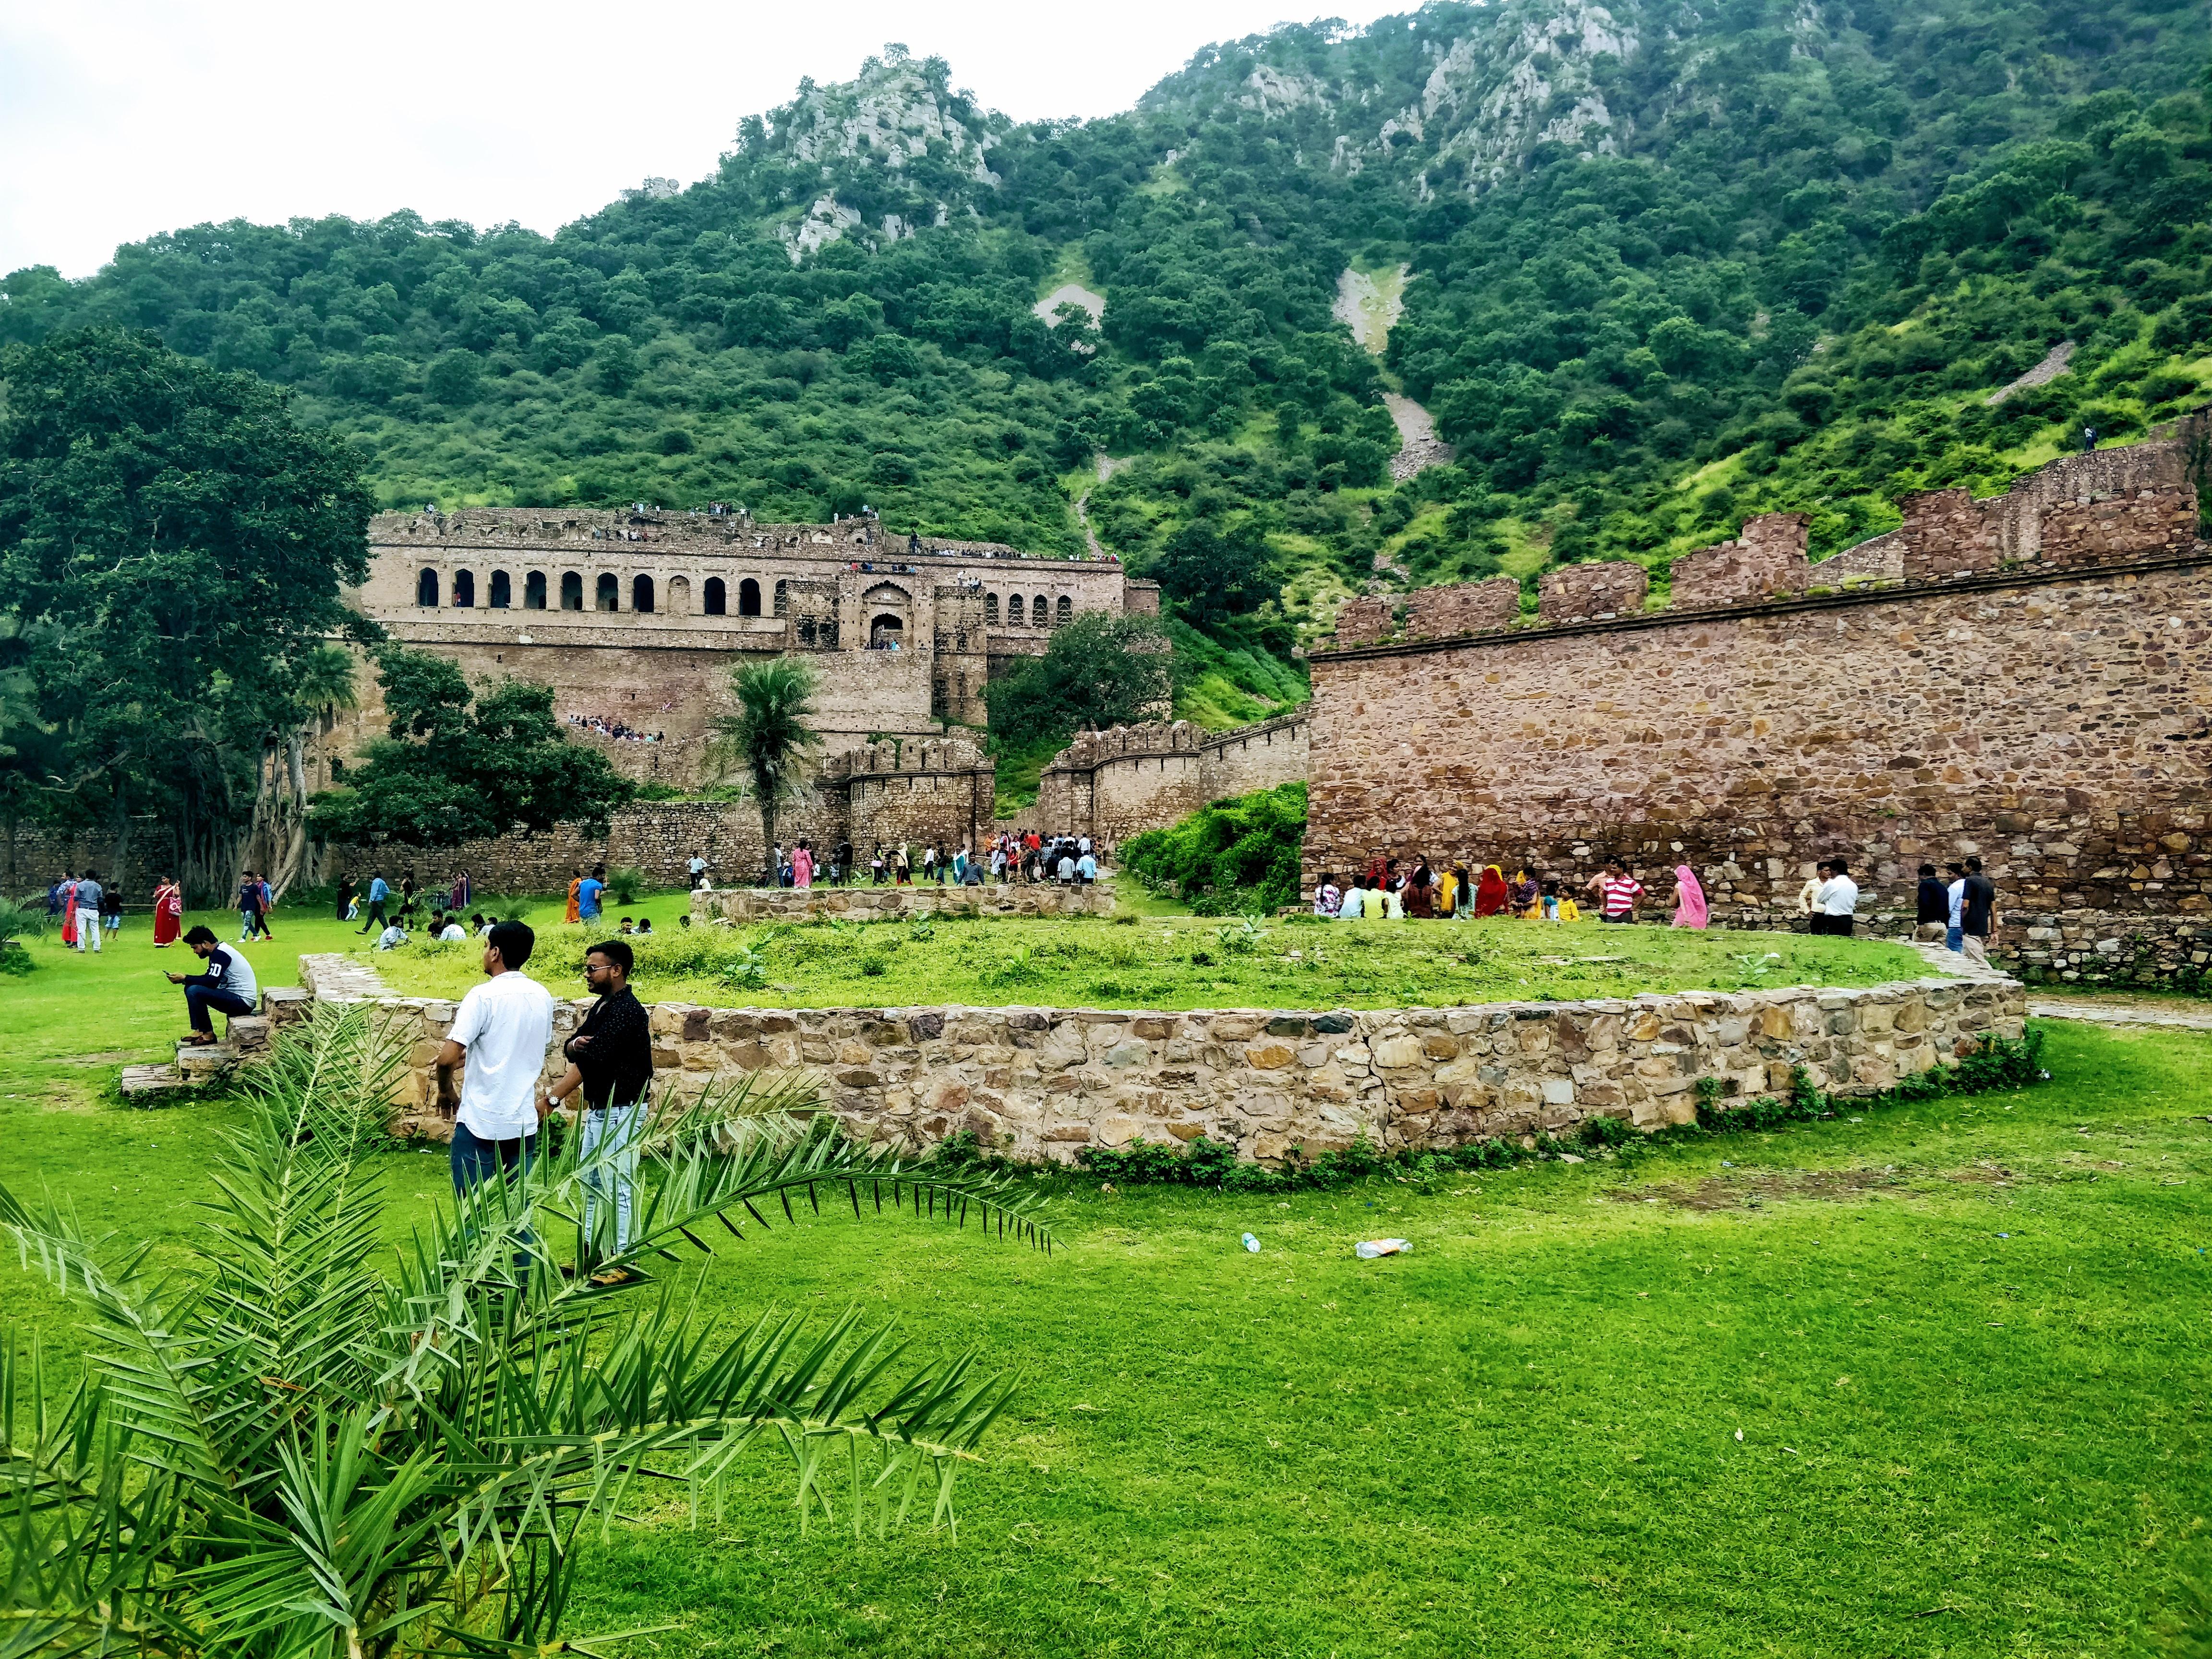 Bhangarh Fort - Wikipedia